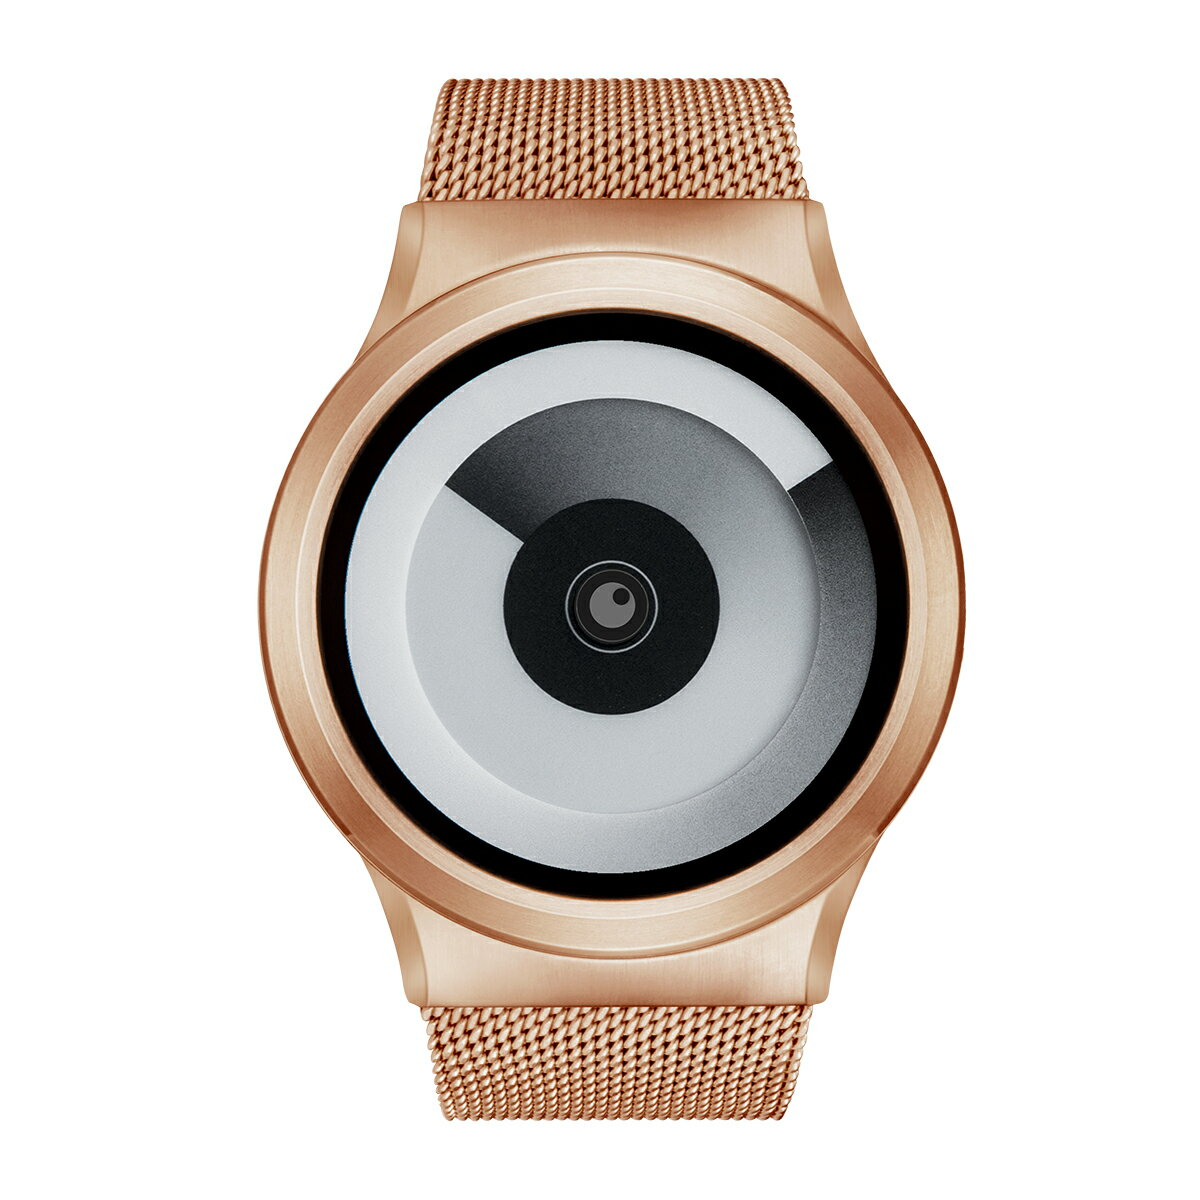 ZEROO SPIRAL GALAXY ゼロ 電池式クォーツ 腕時計 [W06016B05SM05] ホワイト デザインウォッチ ペア用 メンズ レディース ユニセックス おしゃれ時計 デザイナーズ